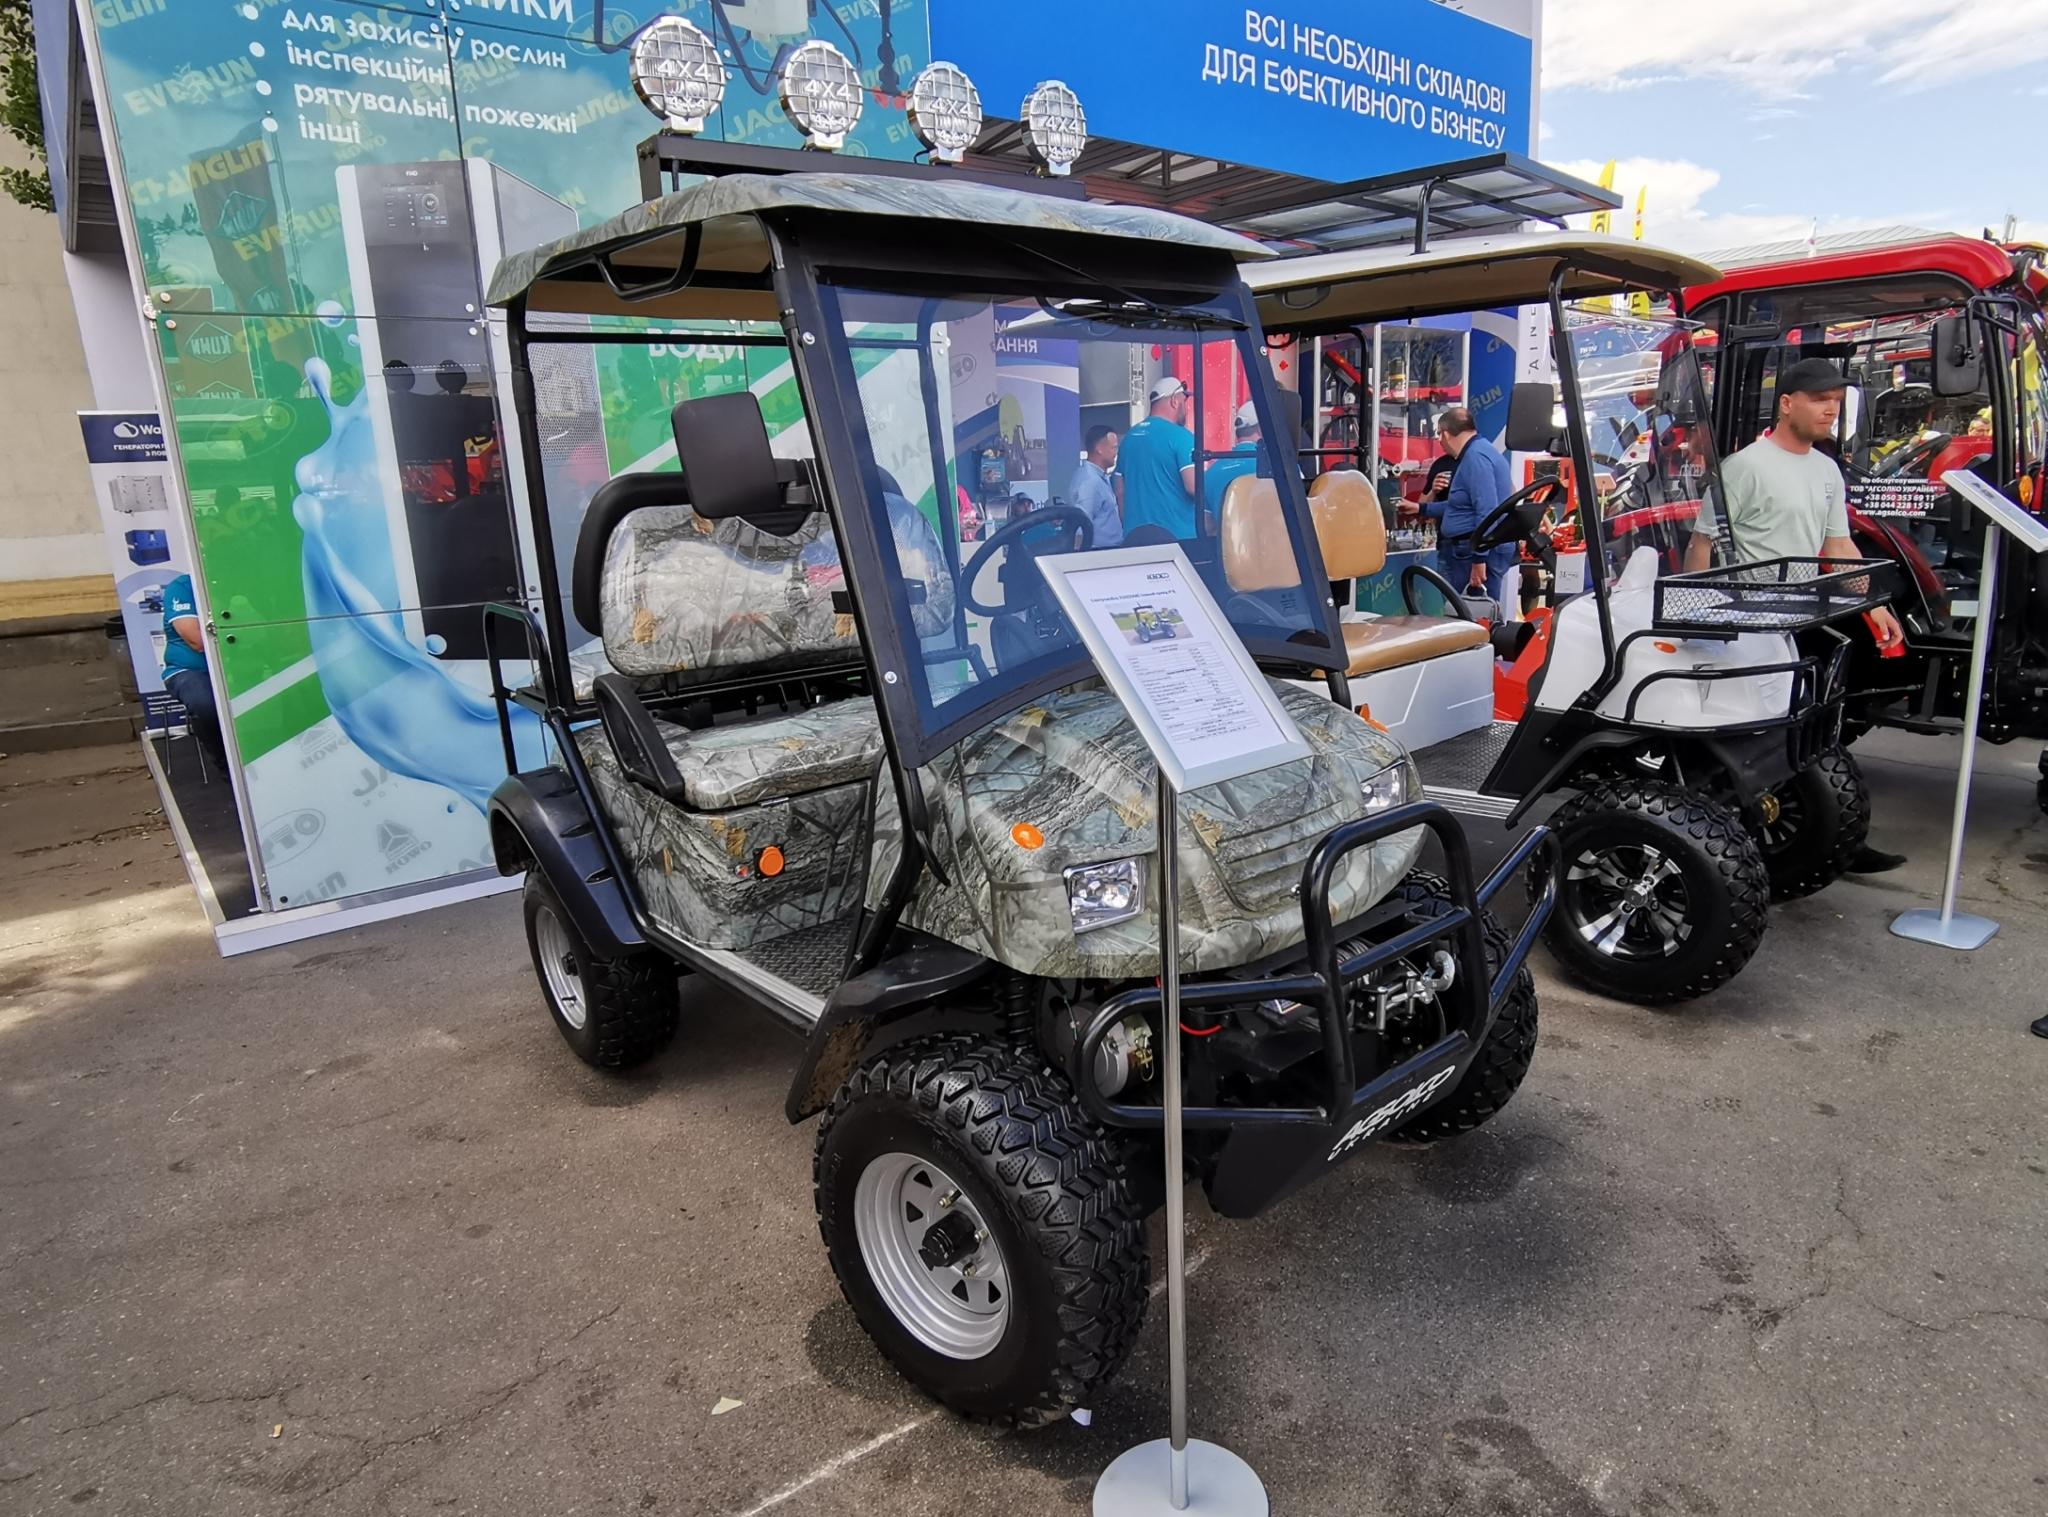 В Киеве показали электромобили для аграриев 1